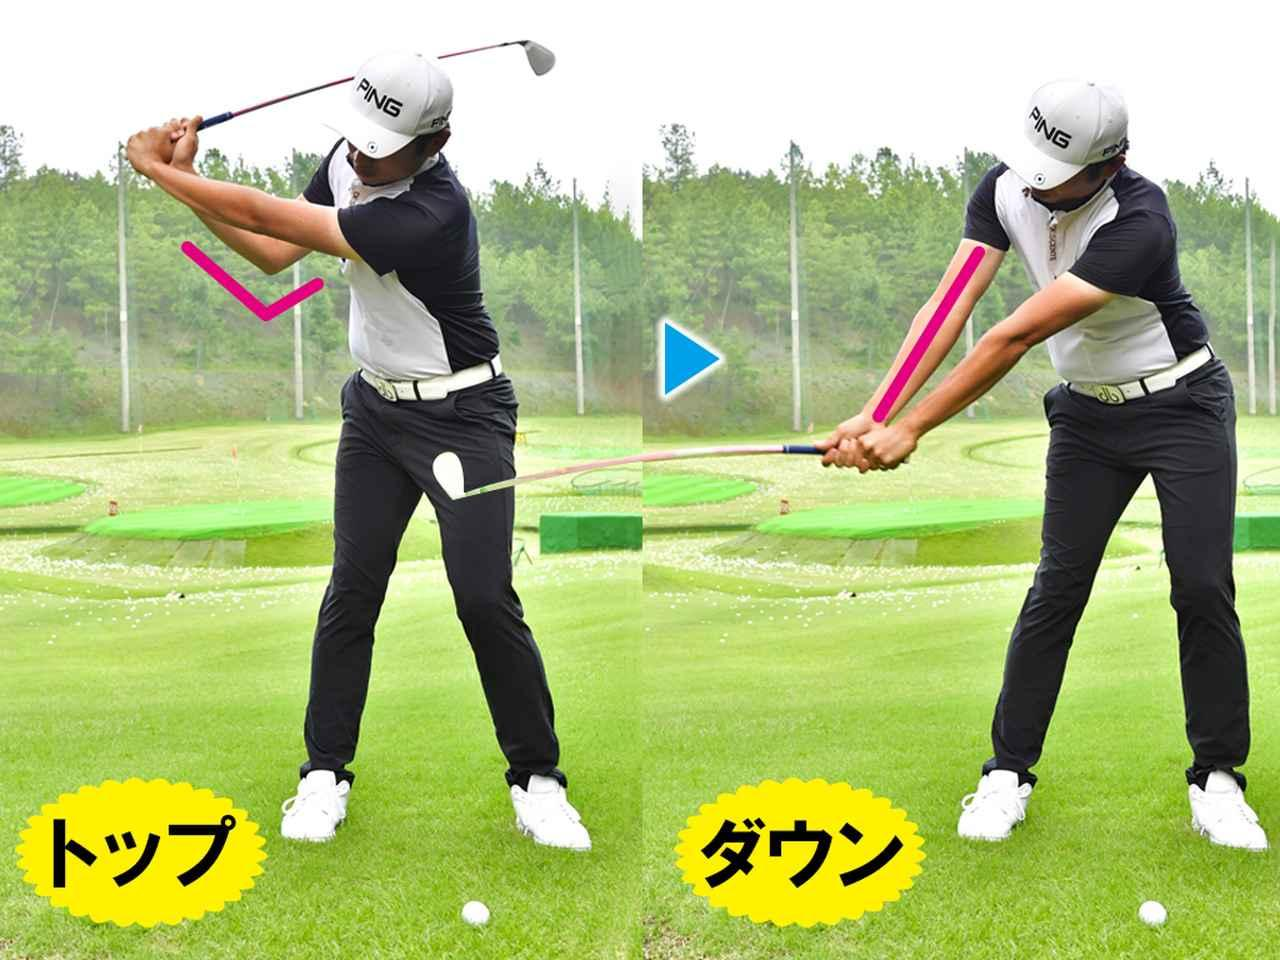 画像1: 右ひじを伸ばして入射角をゆるやかにするのがポイント